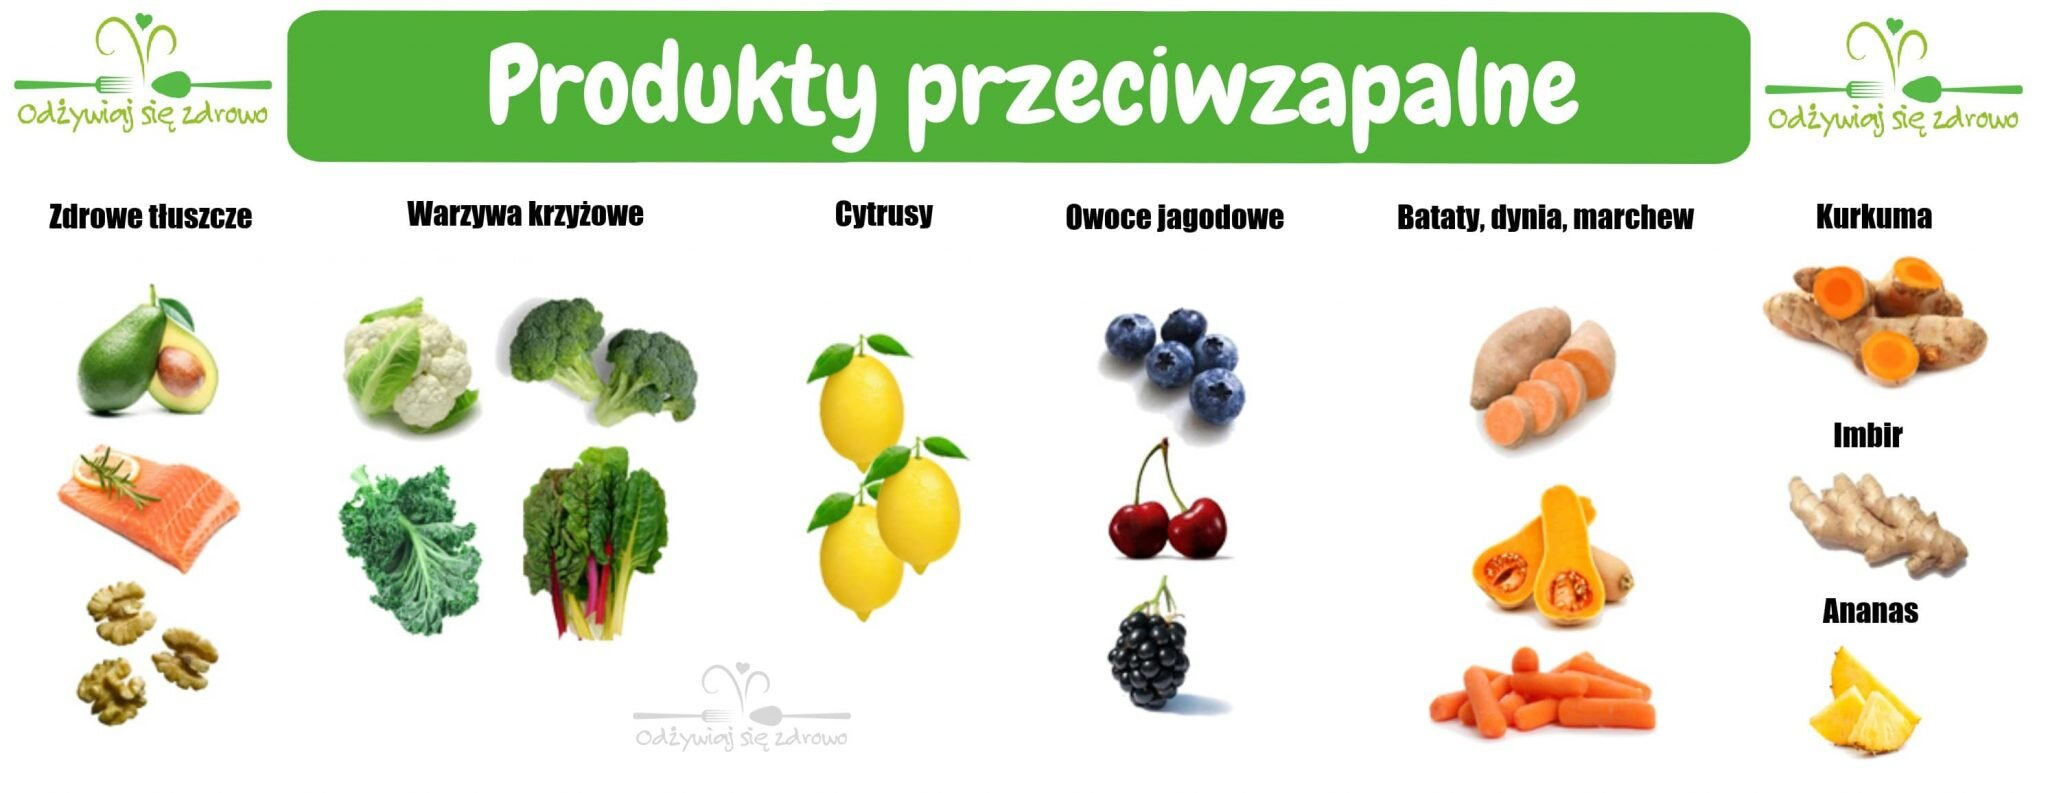 Produkty przeciwzapalne